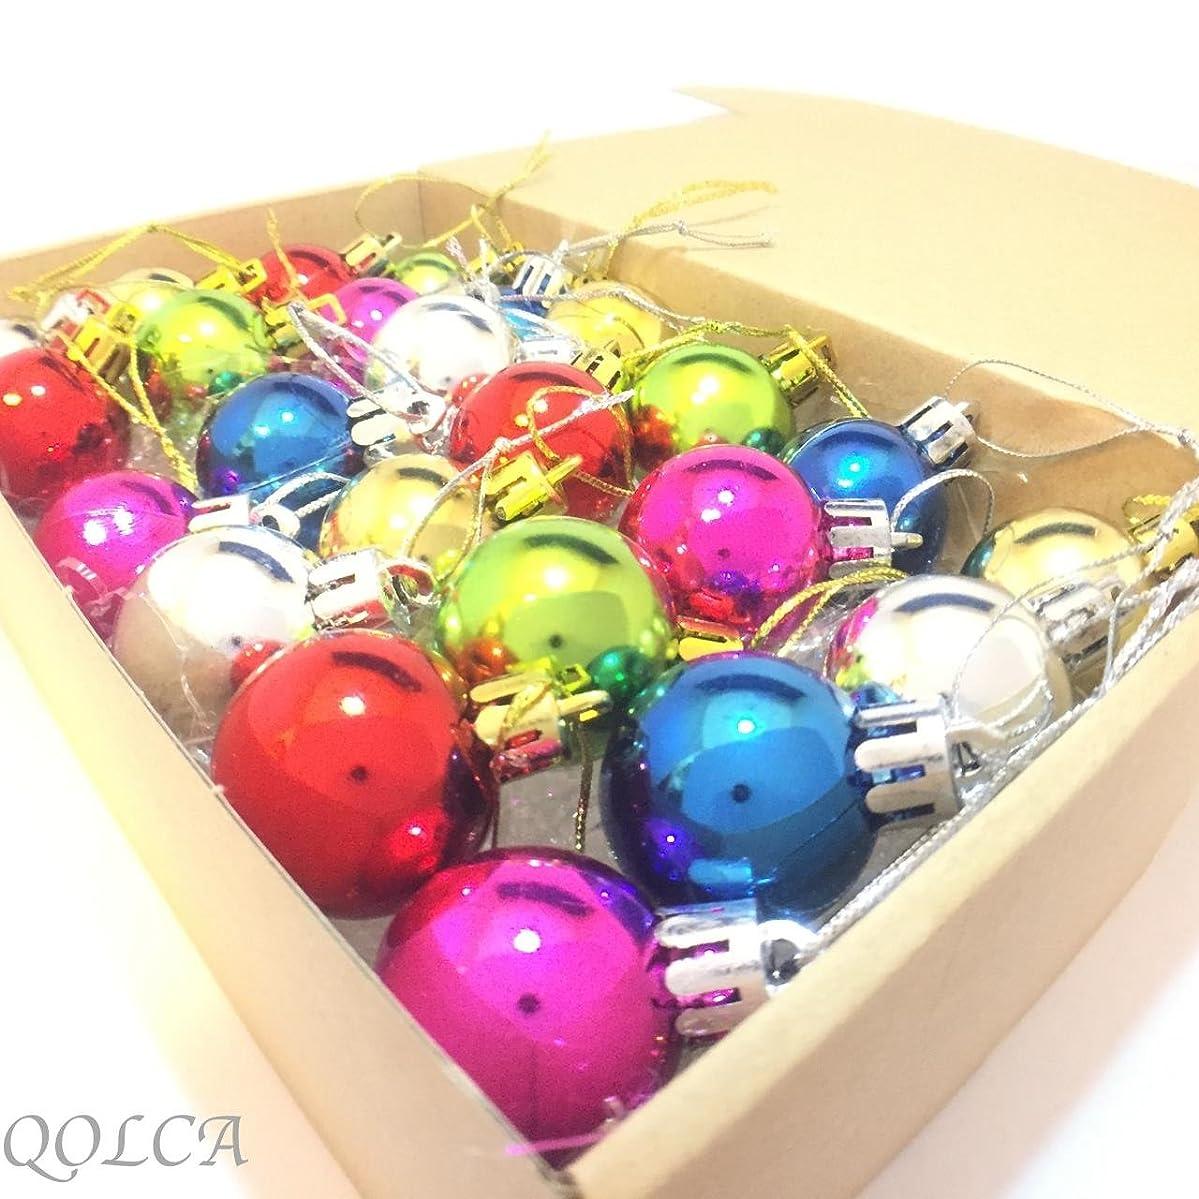 傾向対処する同情QOLCA クリスマス オーナメント ボール 3cm 24個入り(ミックスカラー)